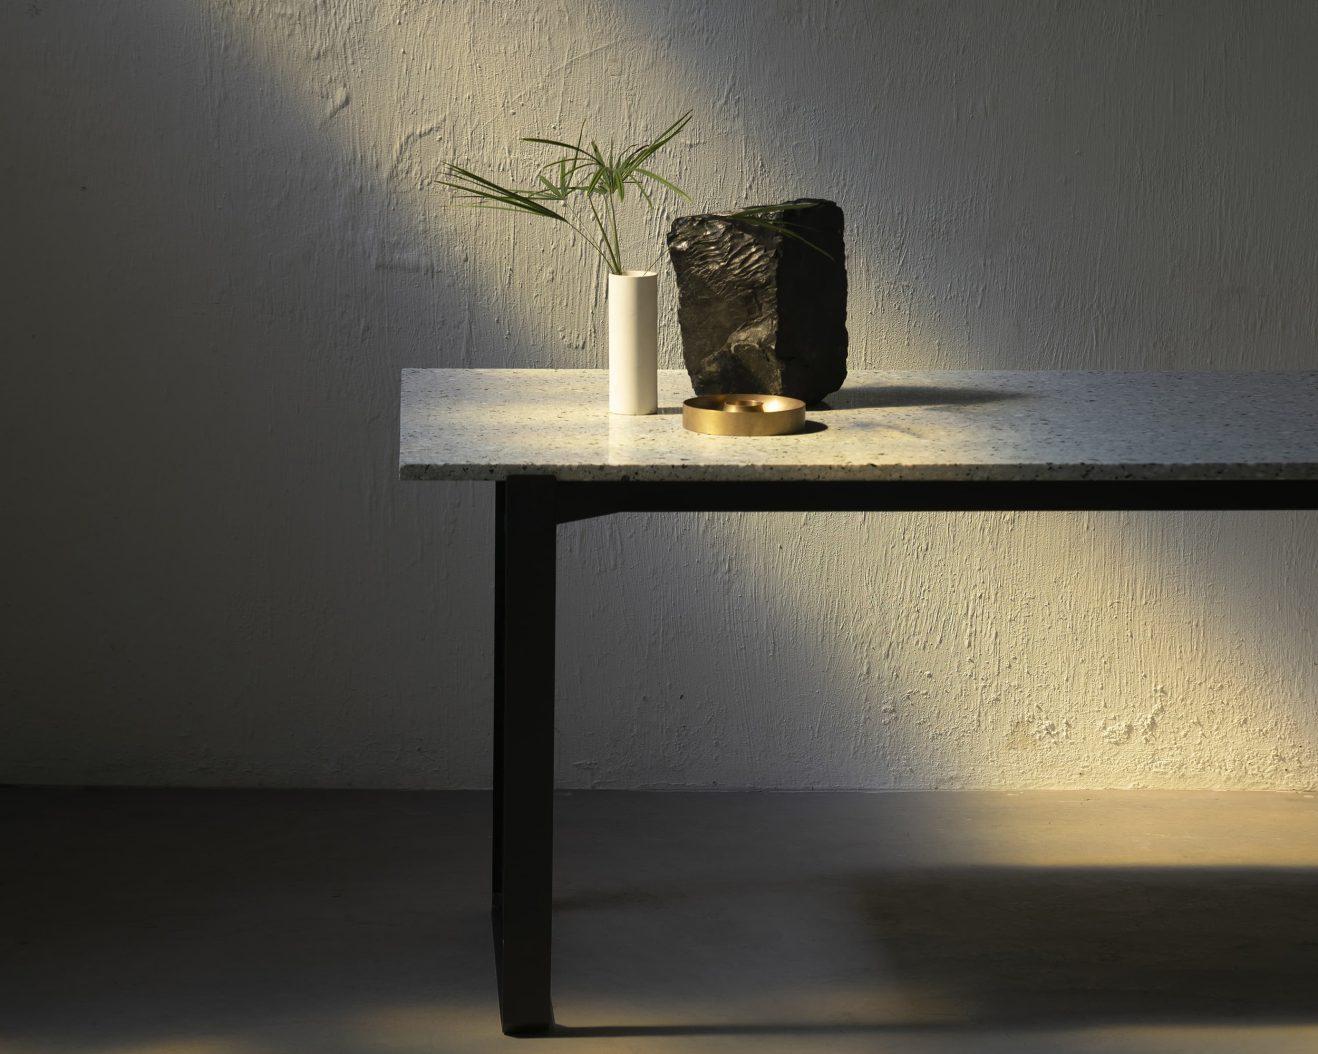 Bentu-Design-terrazzo-table-Nian-1